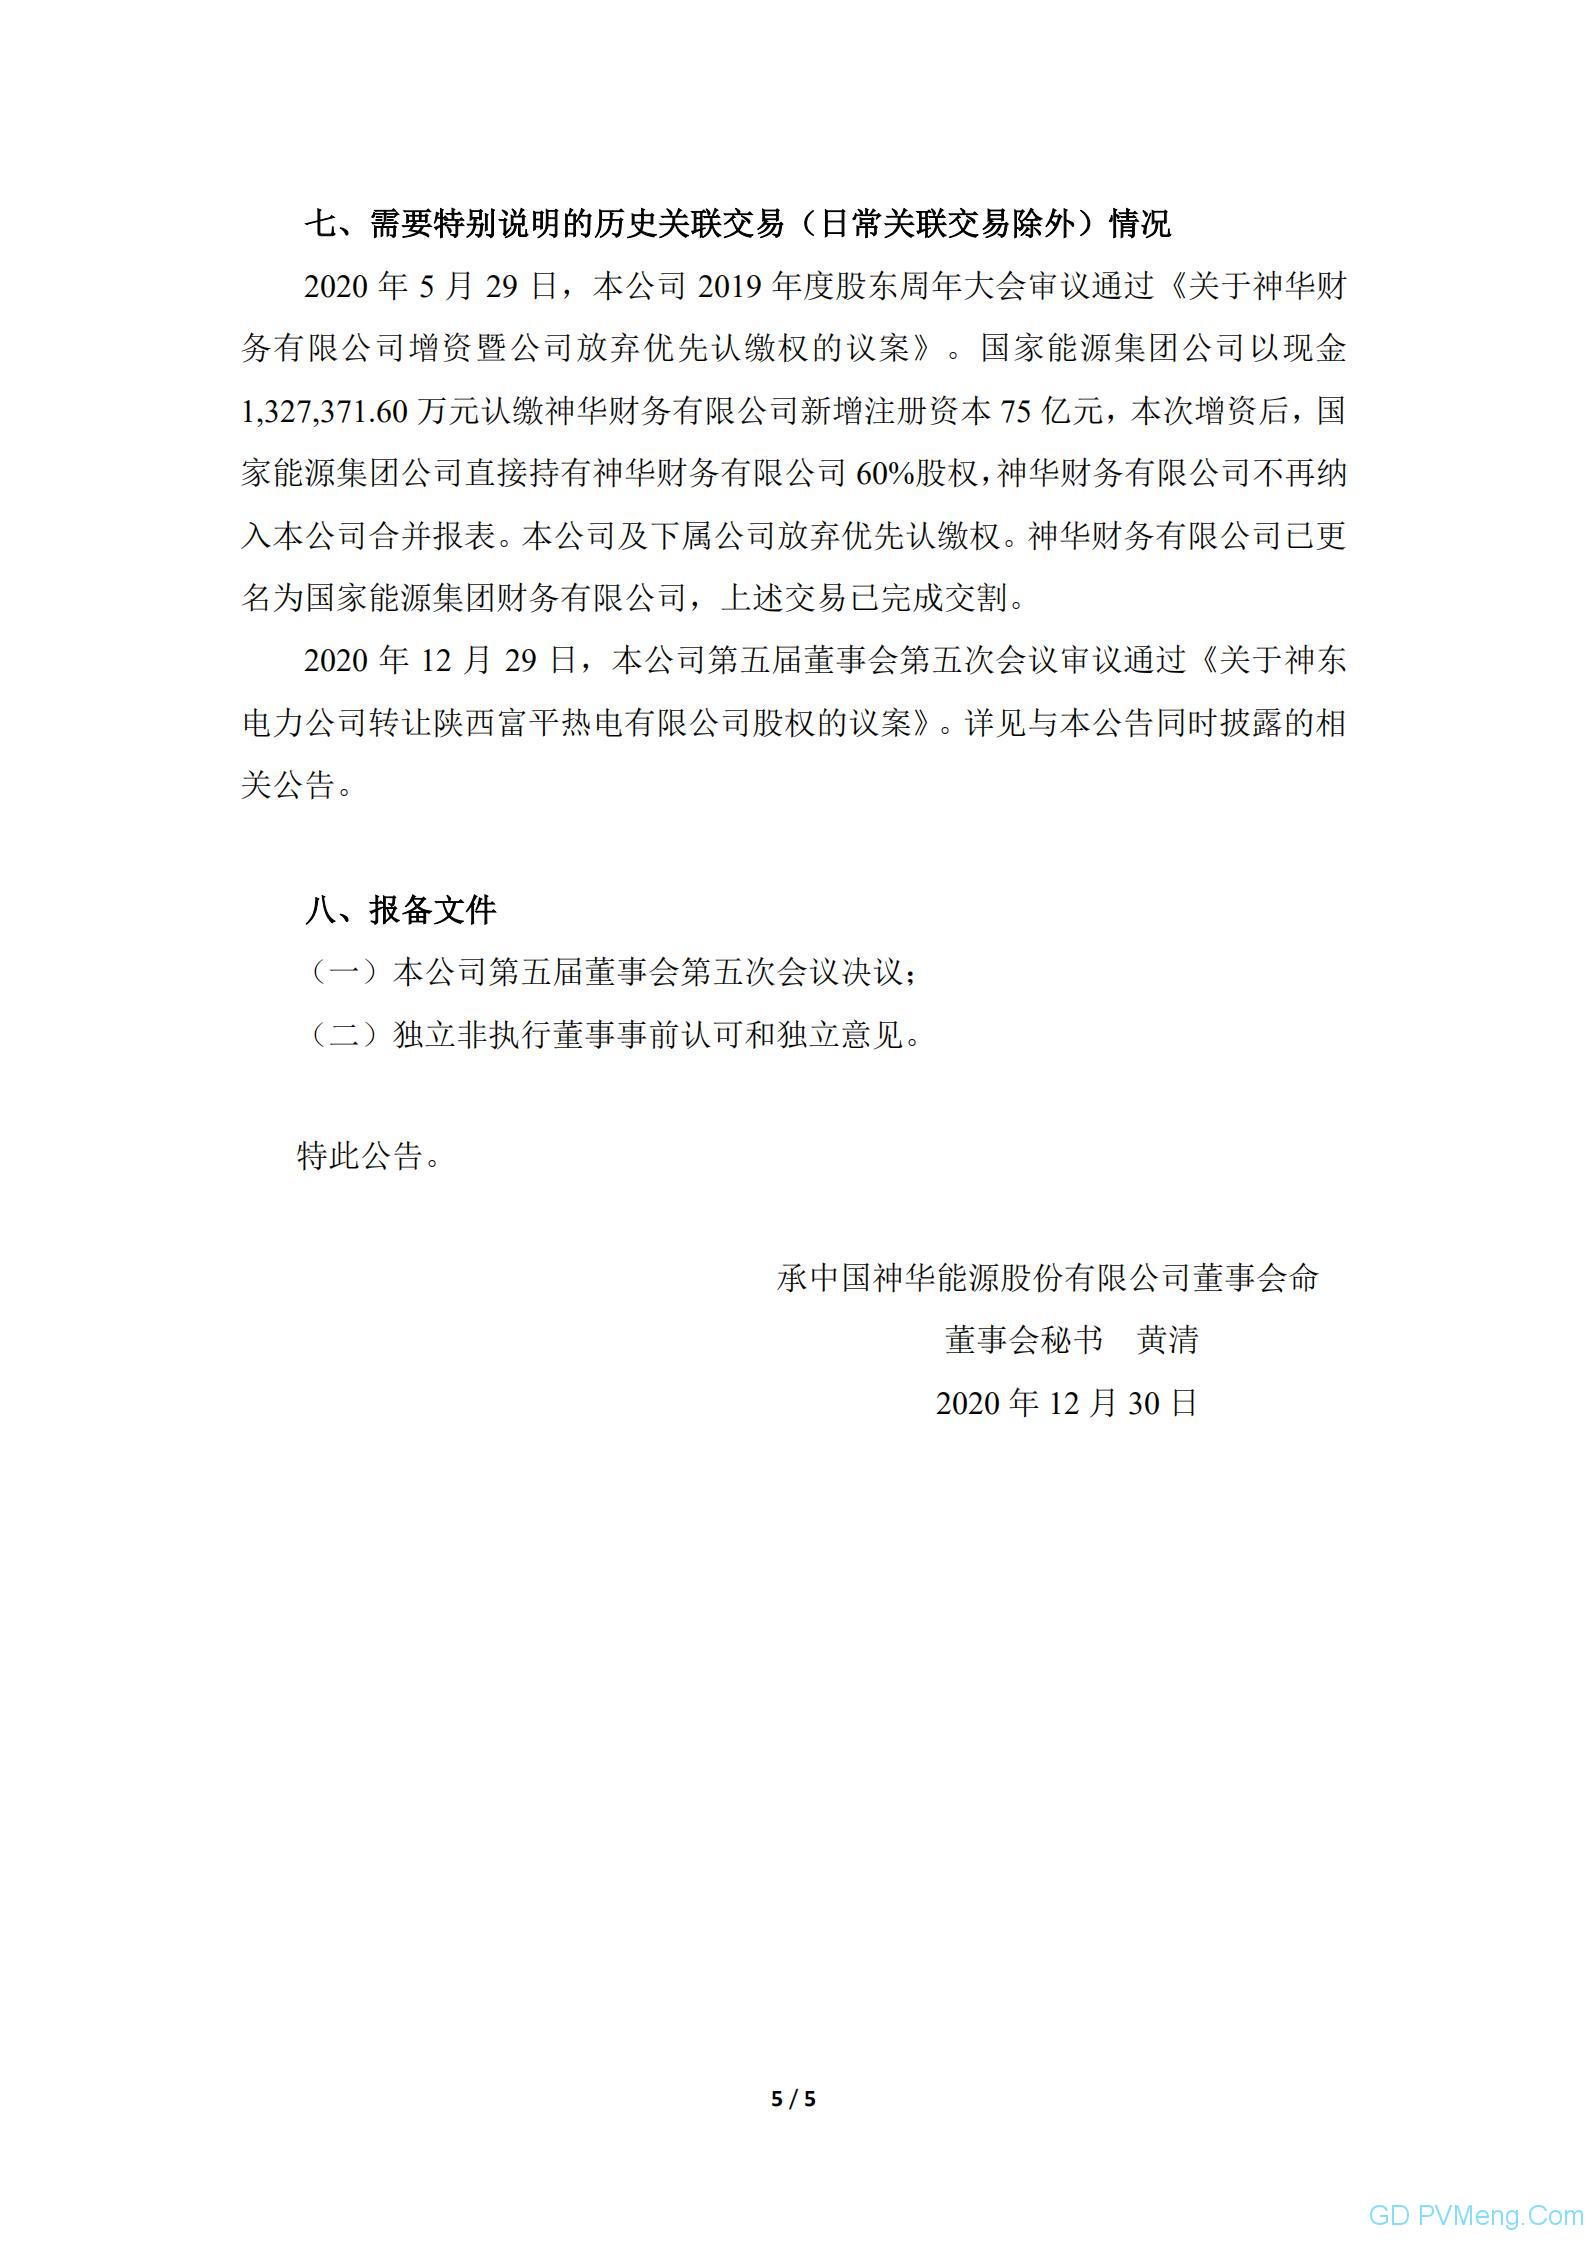 中国神华:关于参与设立产业基金暨关联交易的公告20201229